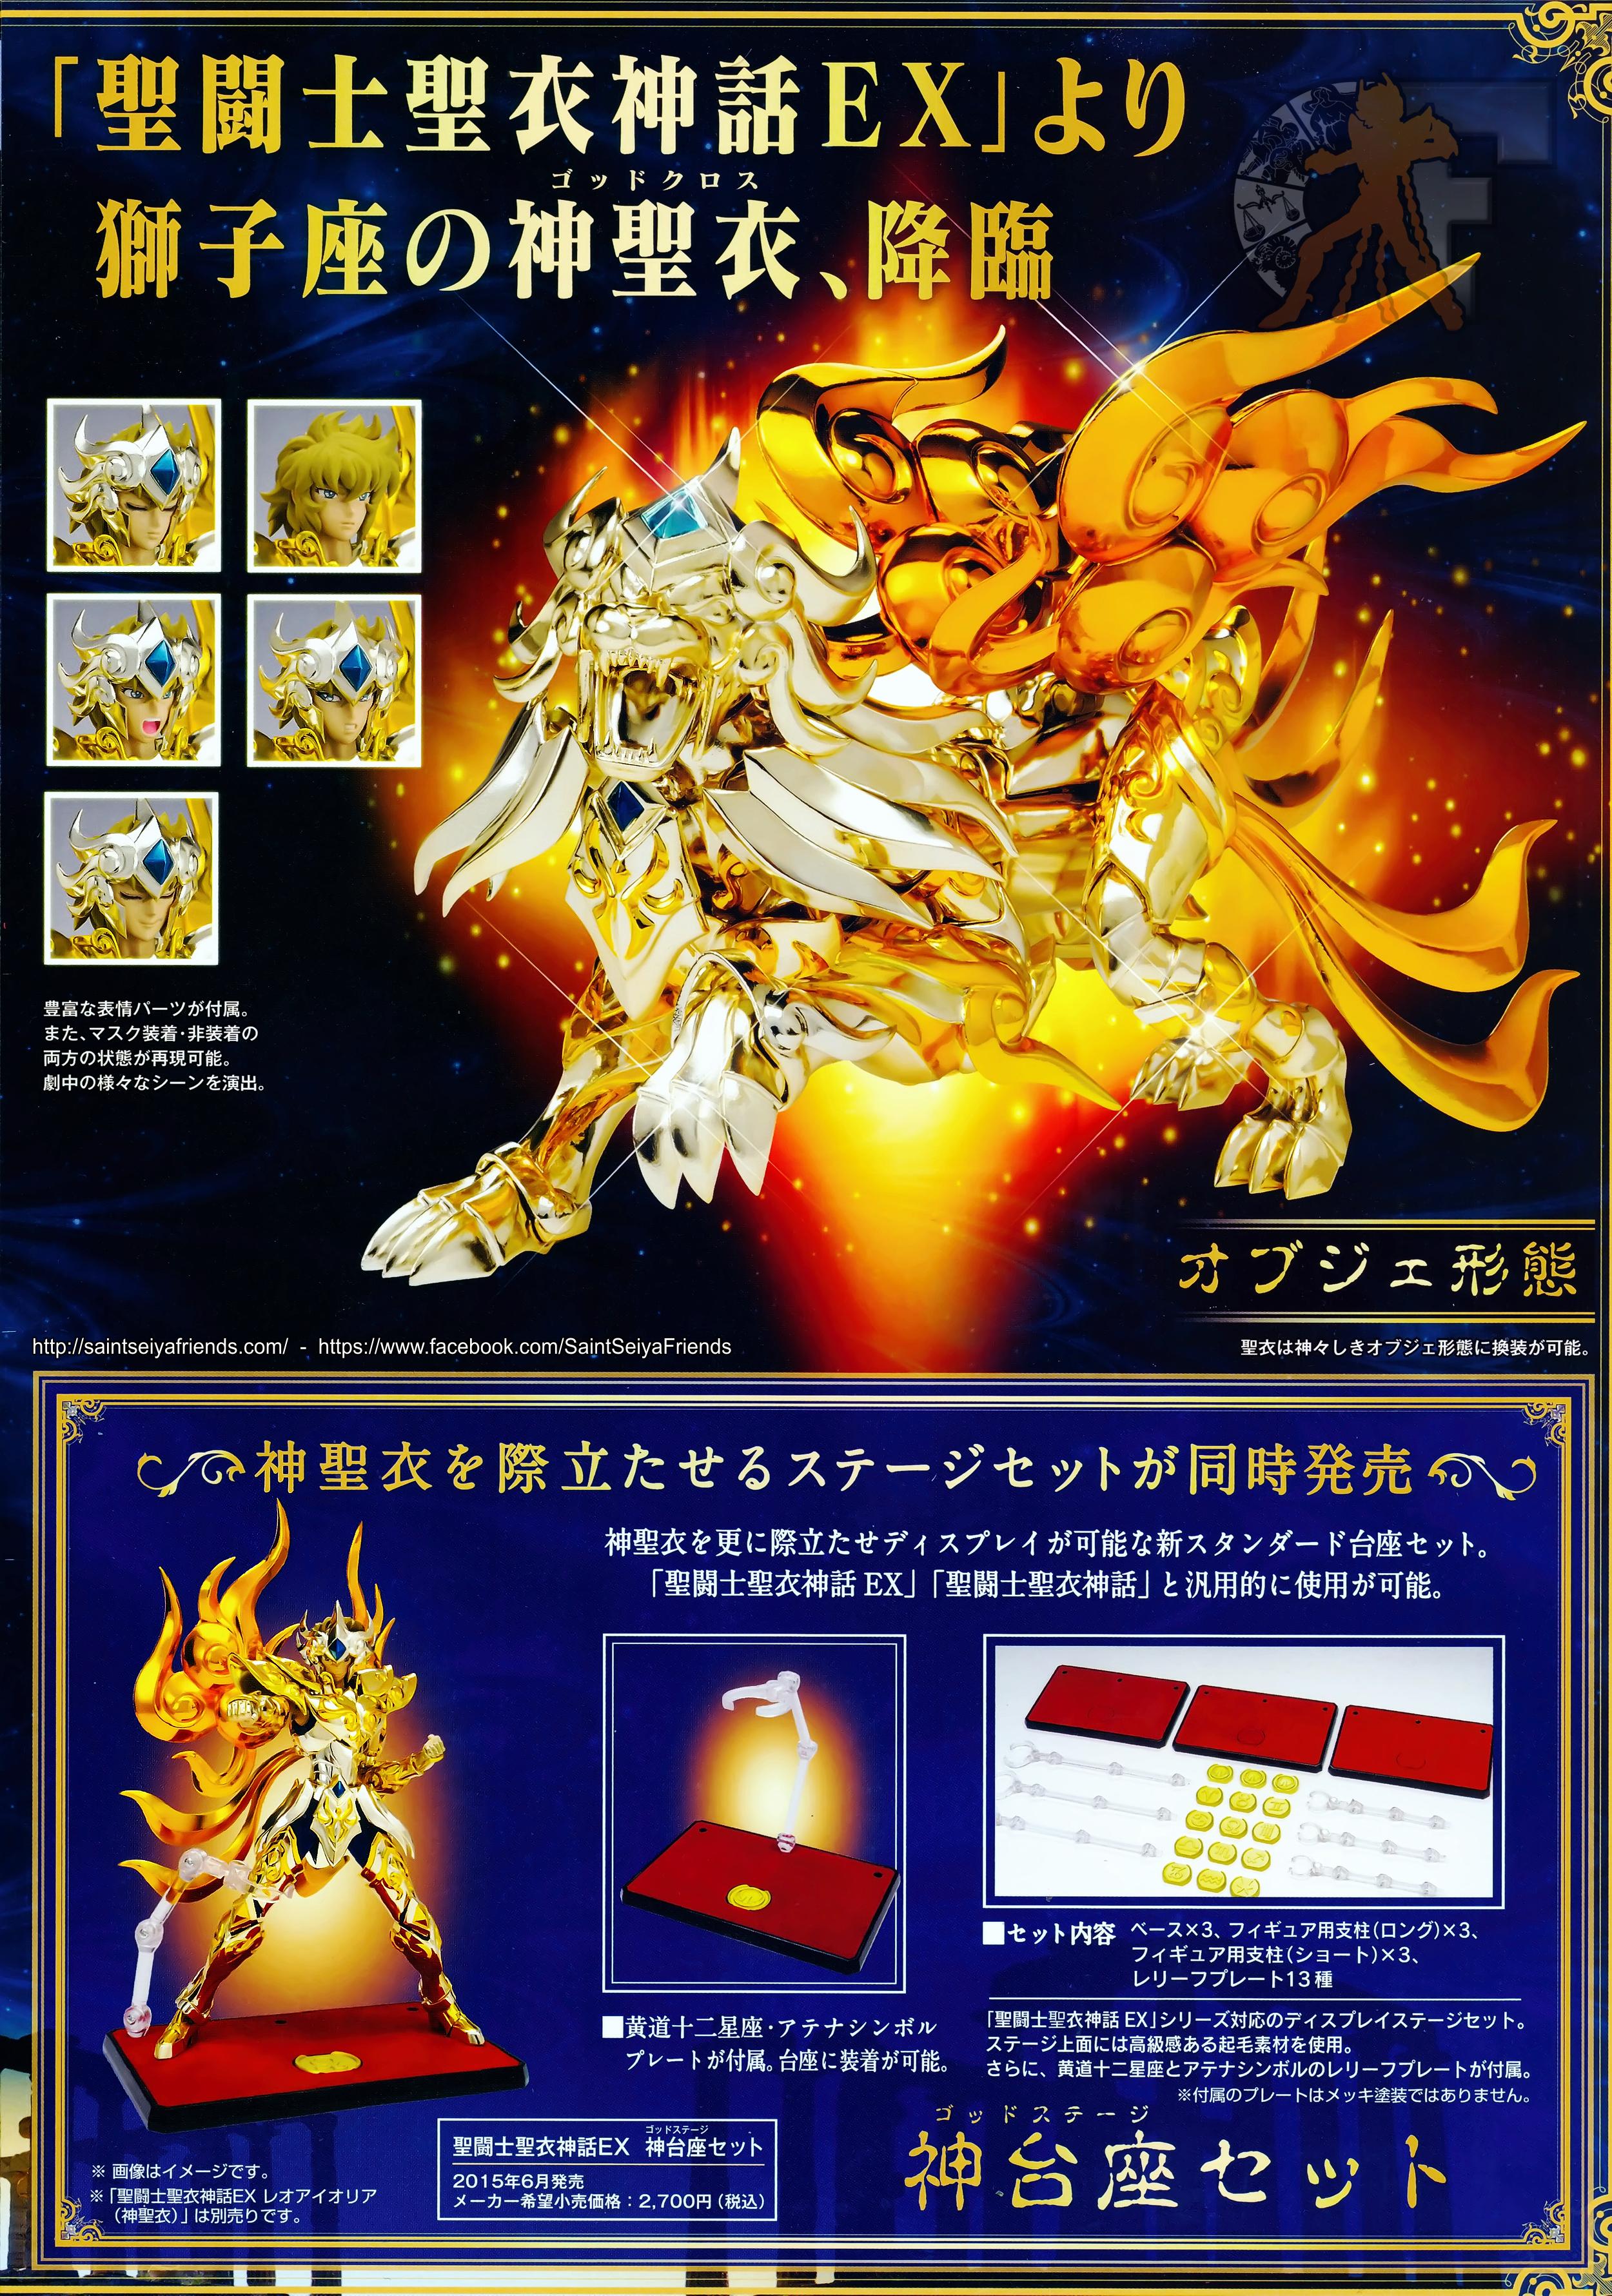 [Comentários] Saint Cloth Myth EX - Soul of Gold Aiolia de Leão - Página 9 18476252533_1bce329780_o